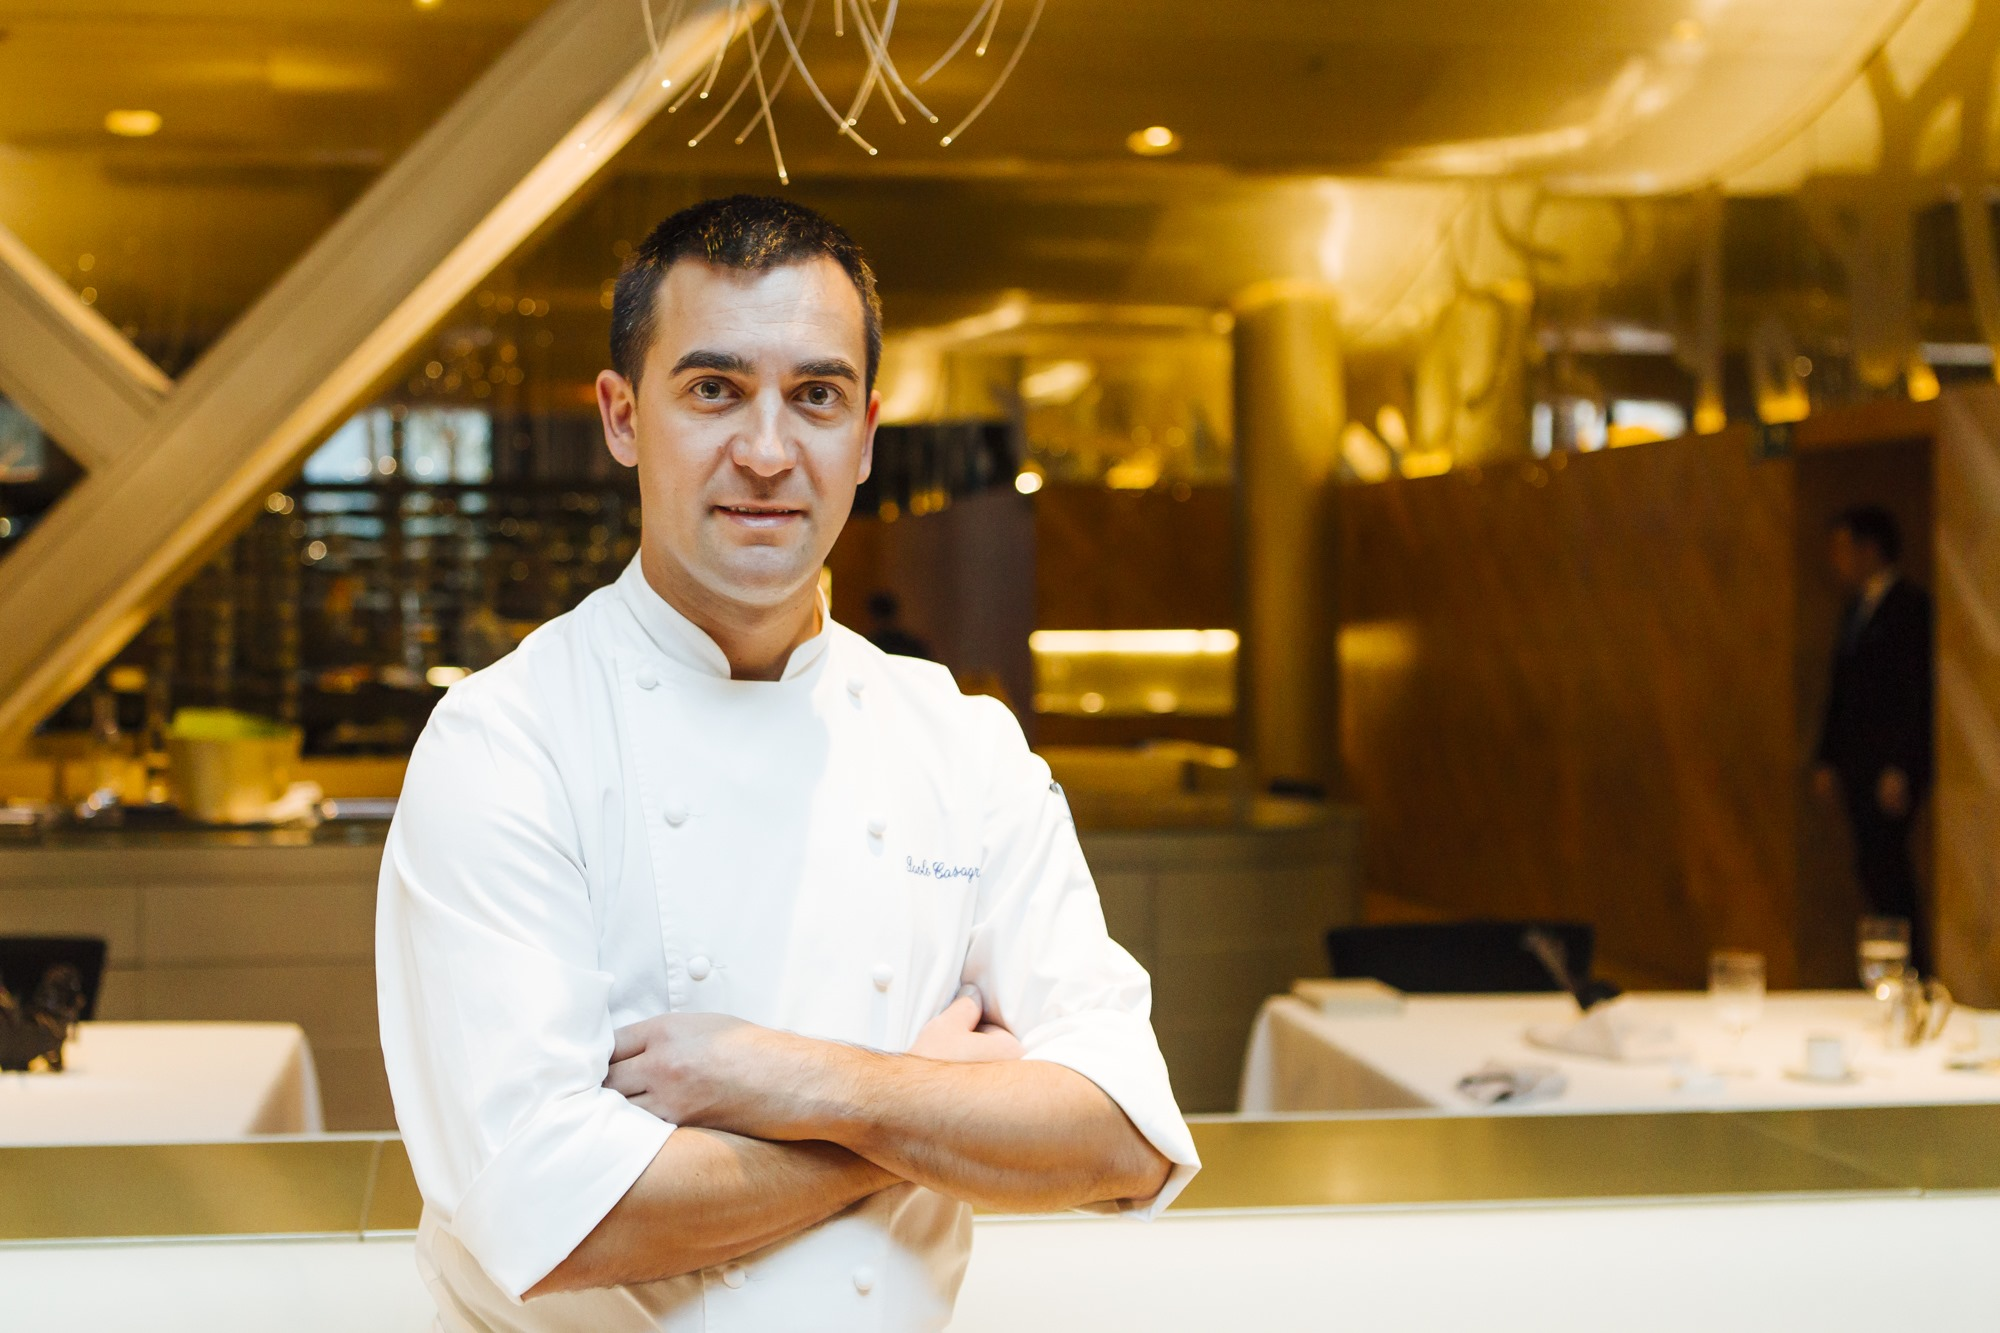 Paolo Casagrande, jefe de cocina del restaurante de Berasategui.